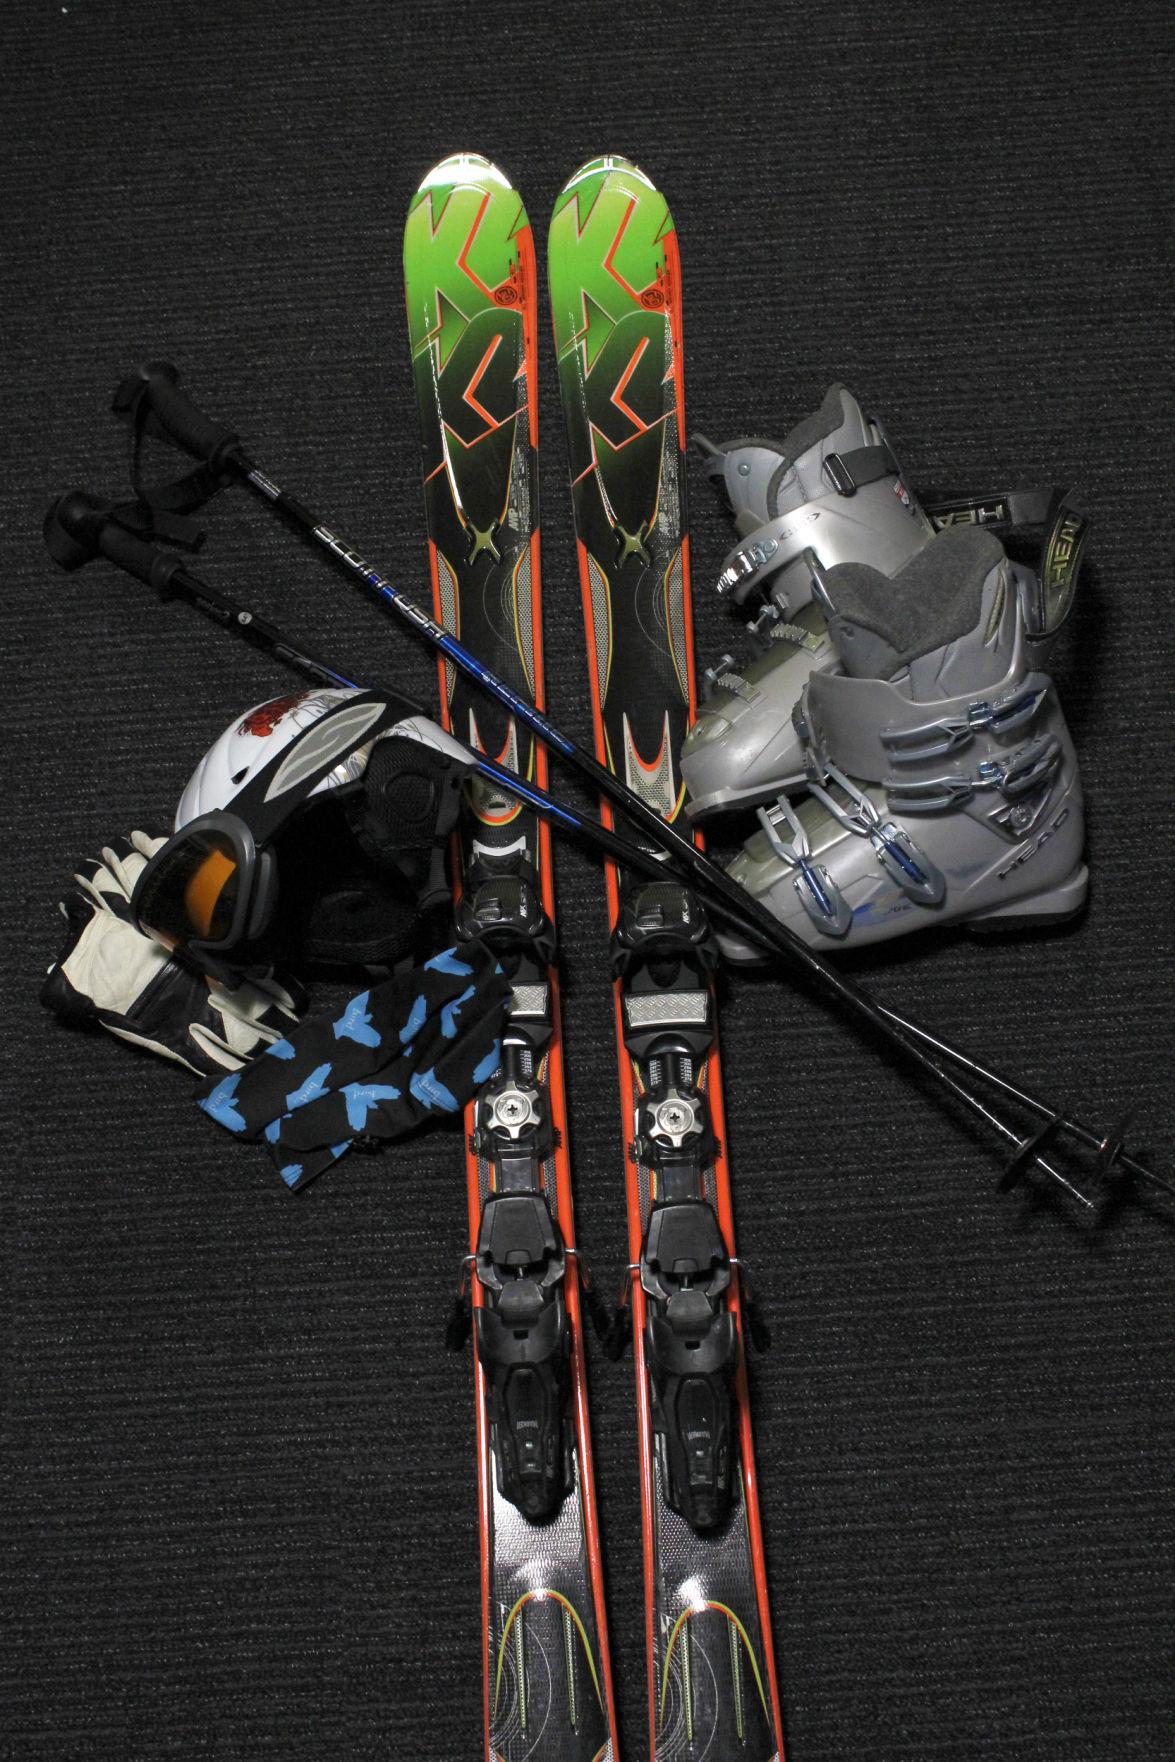 Teach me how to hobby  Skiing  20d80ce0c349